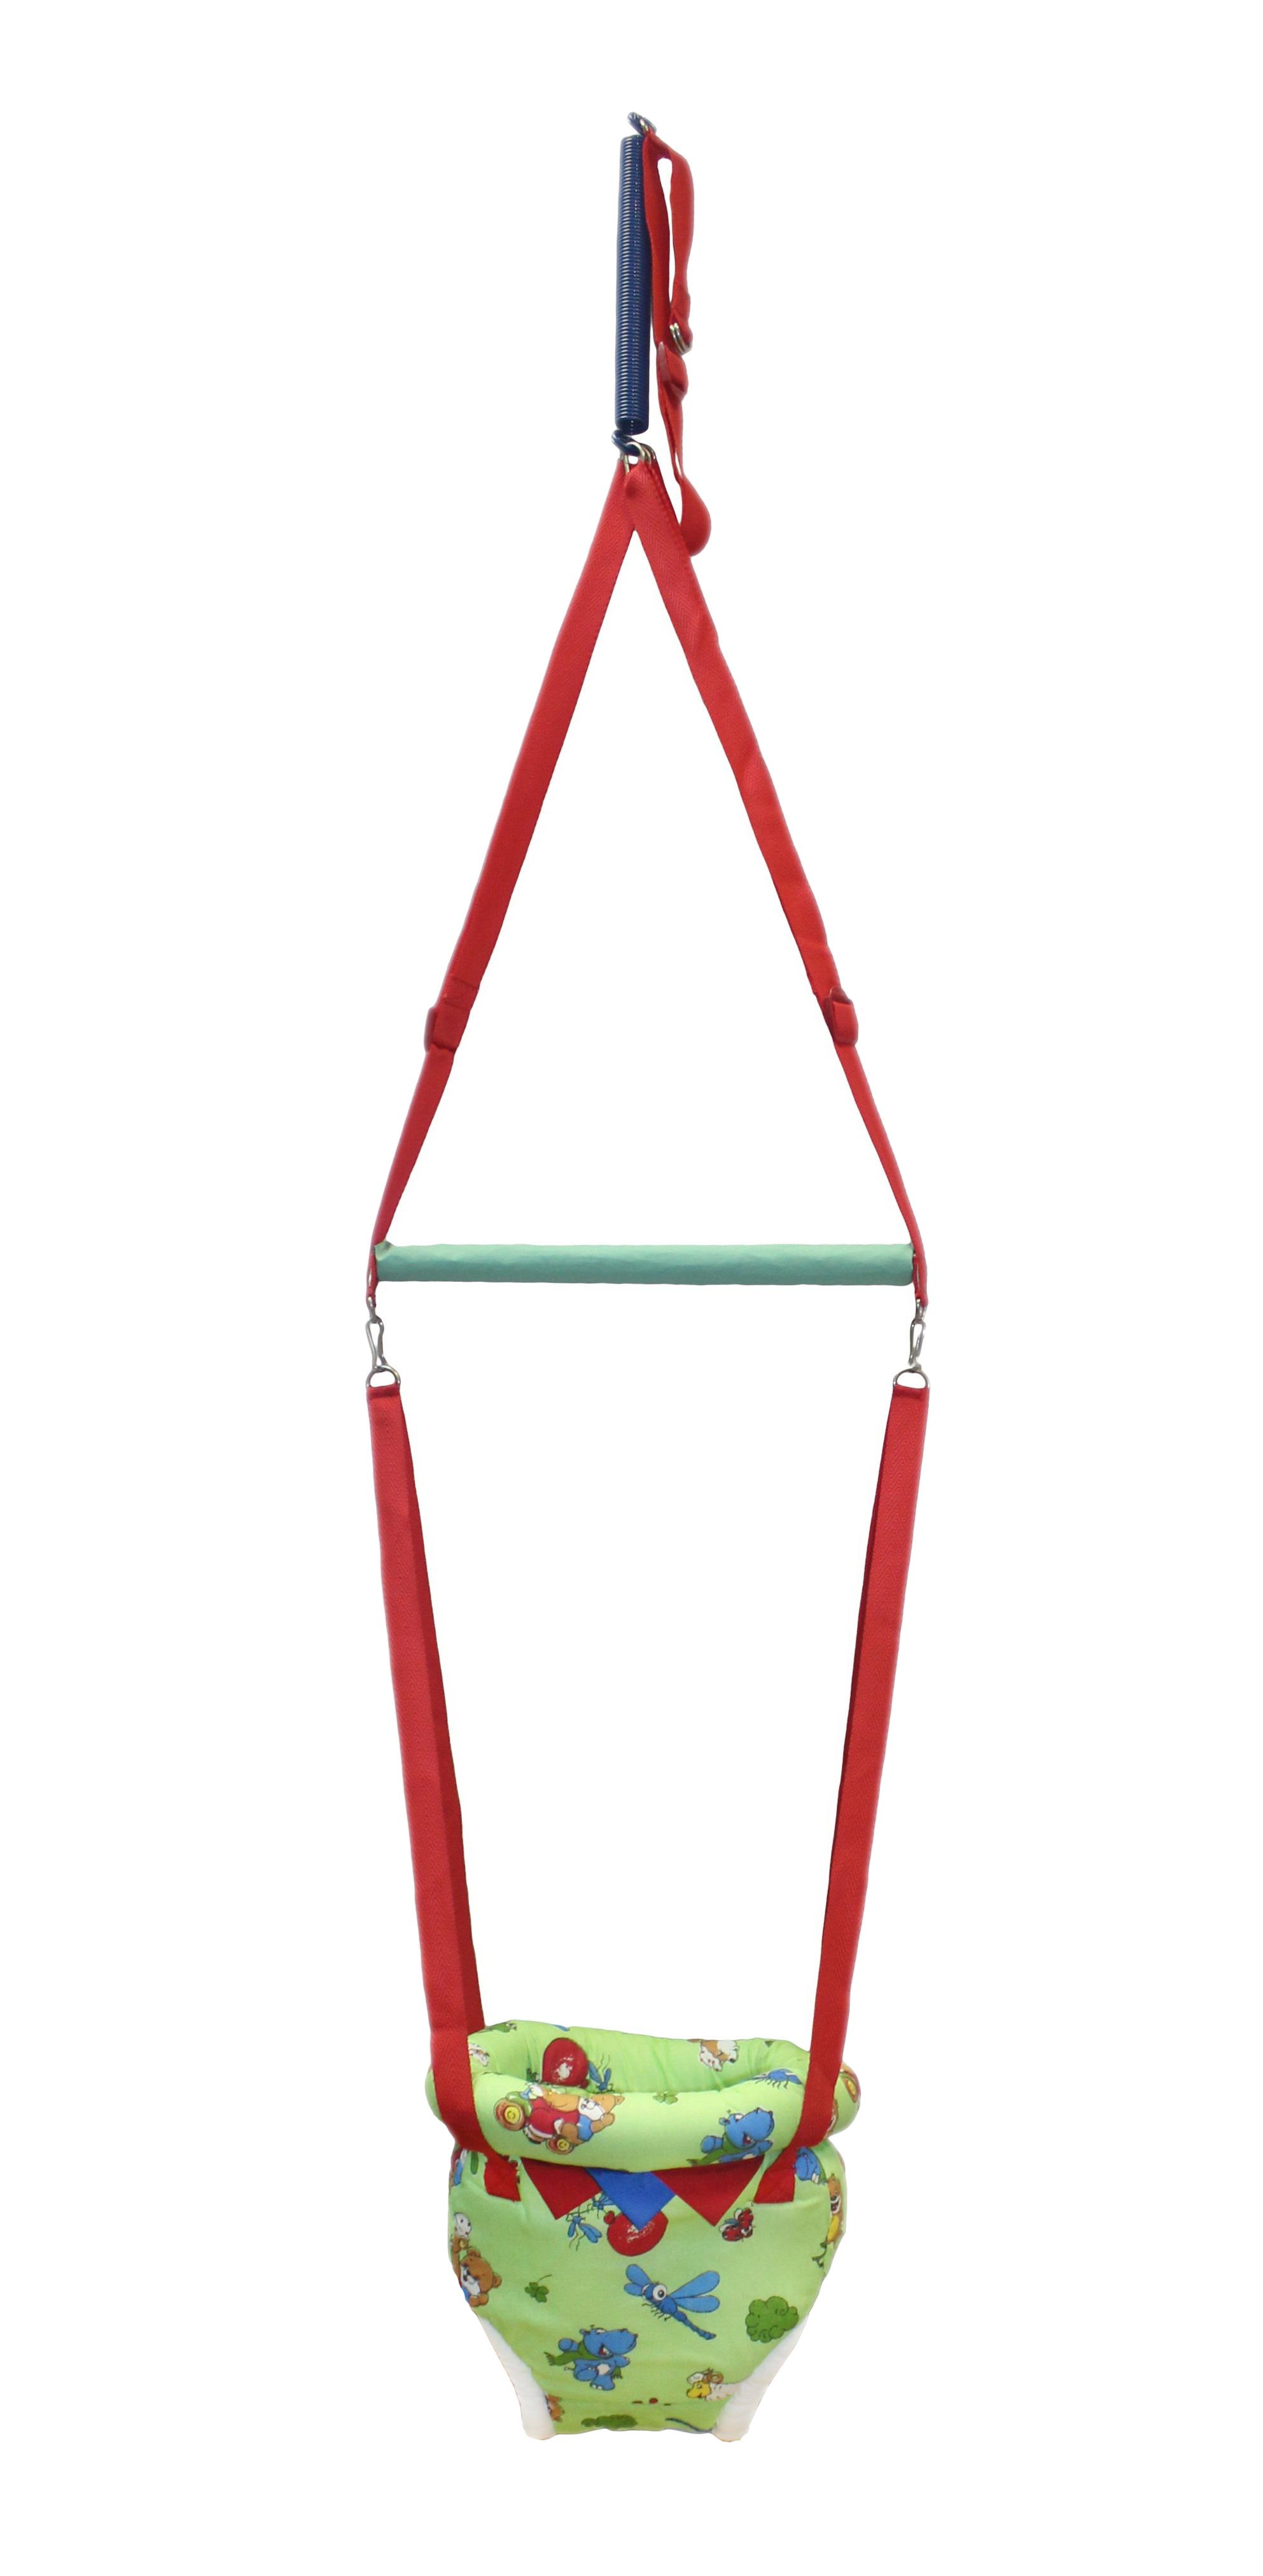 Прыгунки Риббис 4_зелен_шарикикомарики_краснстр красный, зеленый